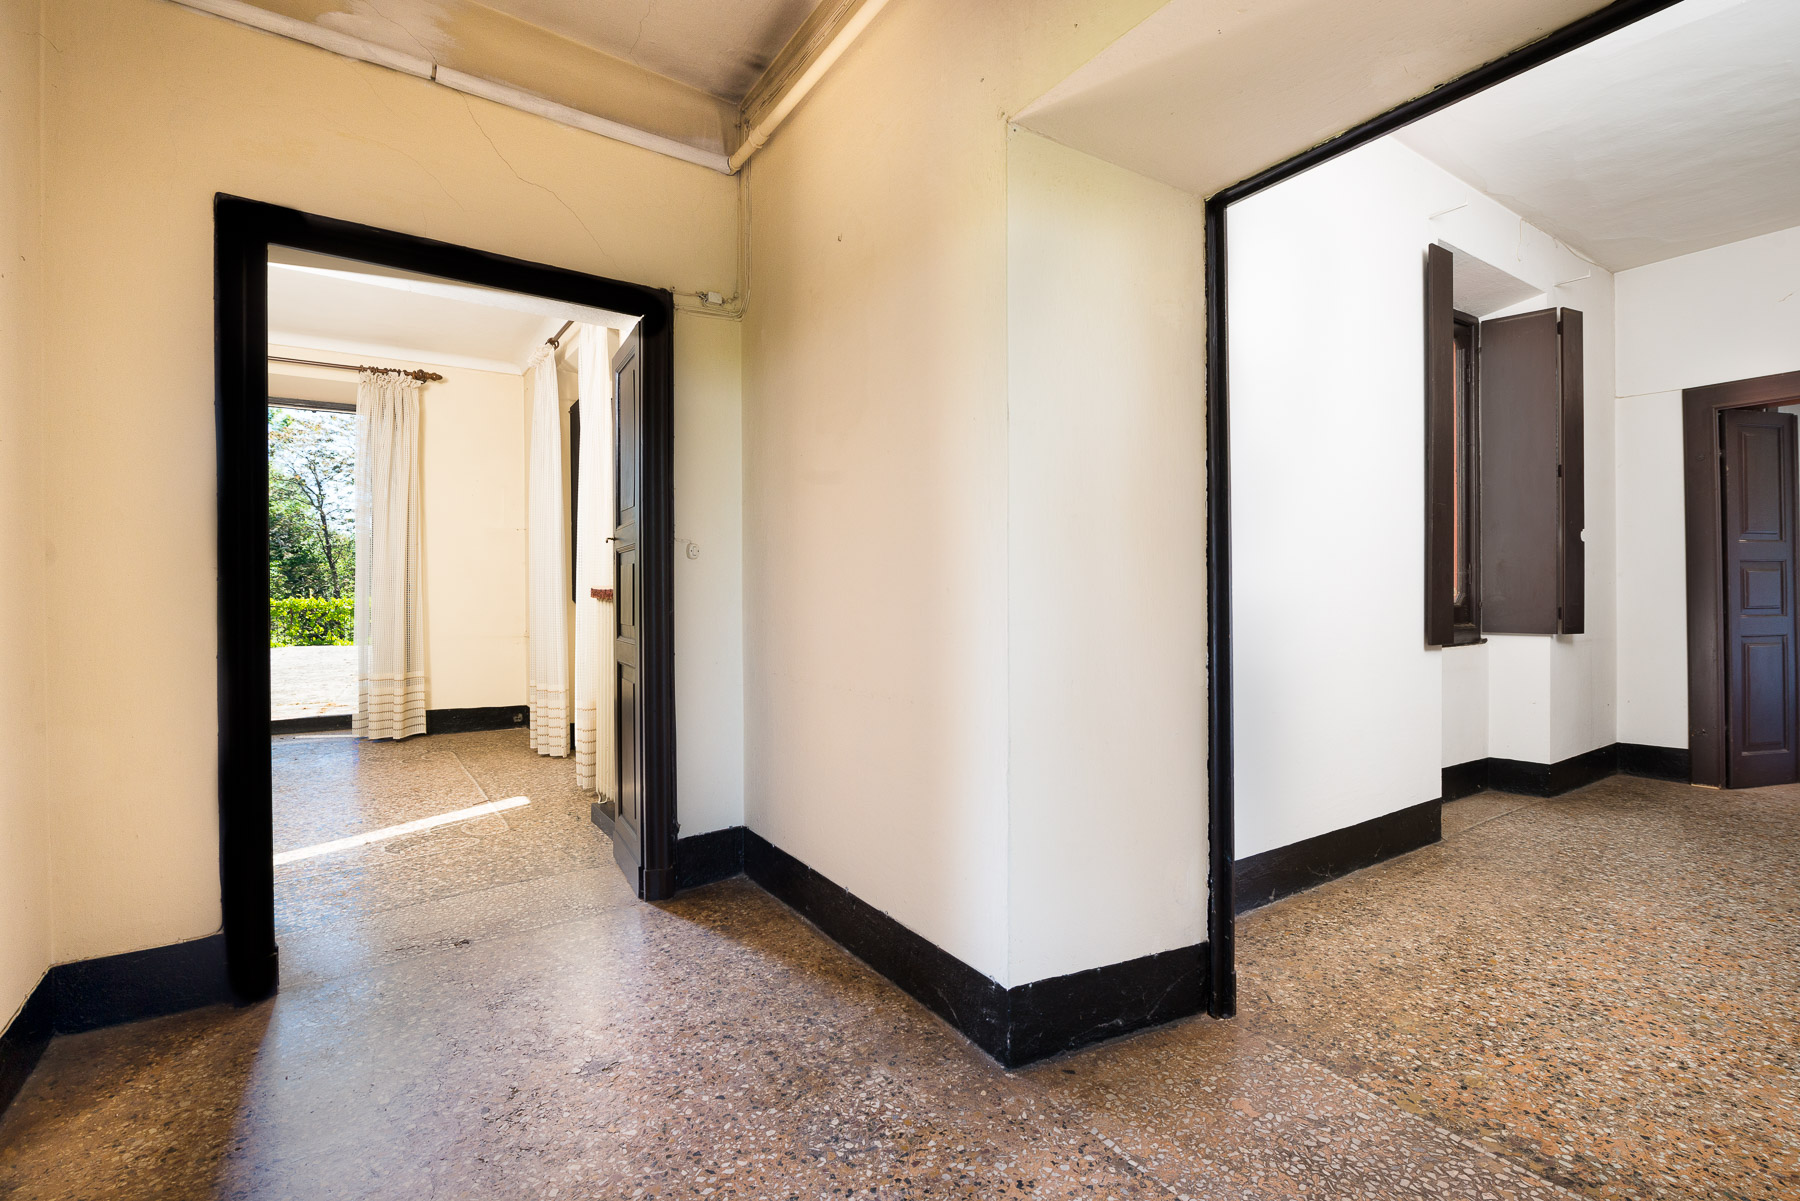 Villa in Vendita a Tagliolo Monferrato: 5 locali, 1350 mq - Foto 5